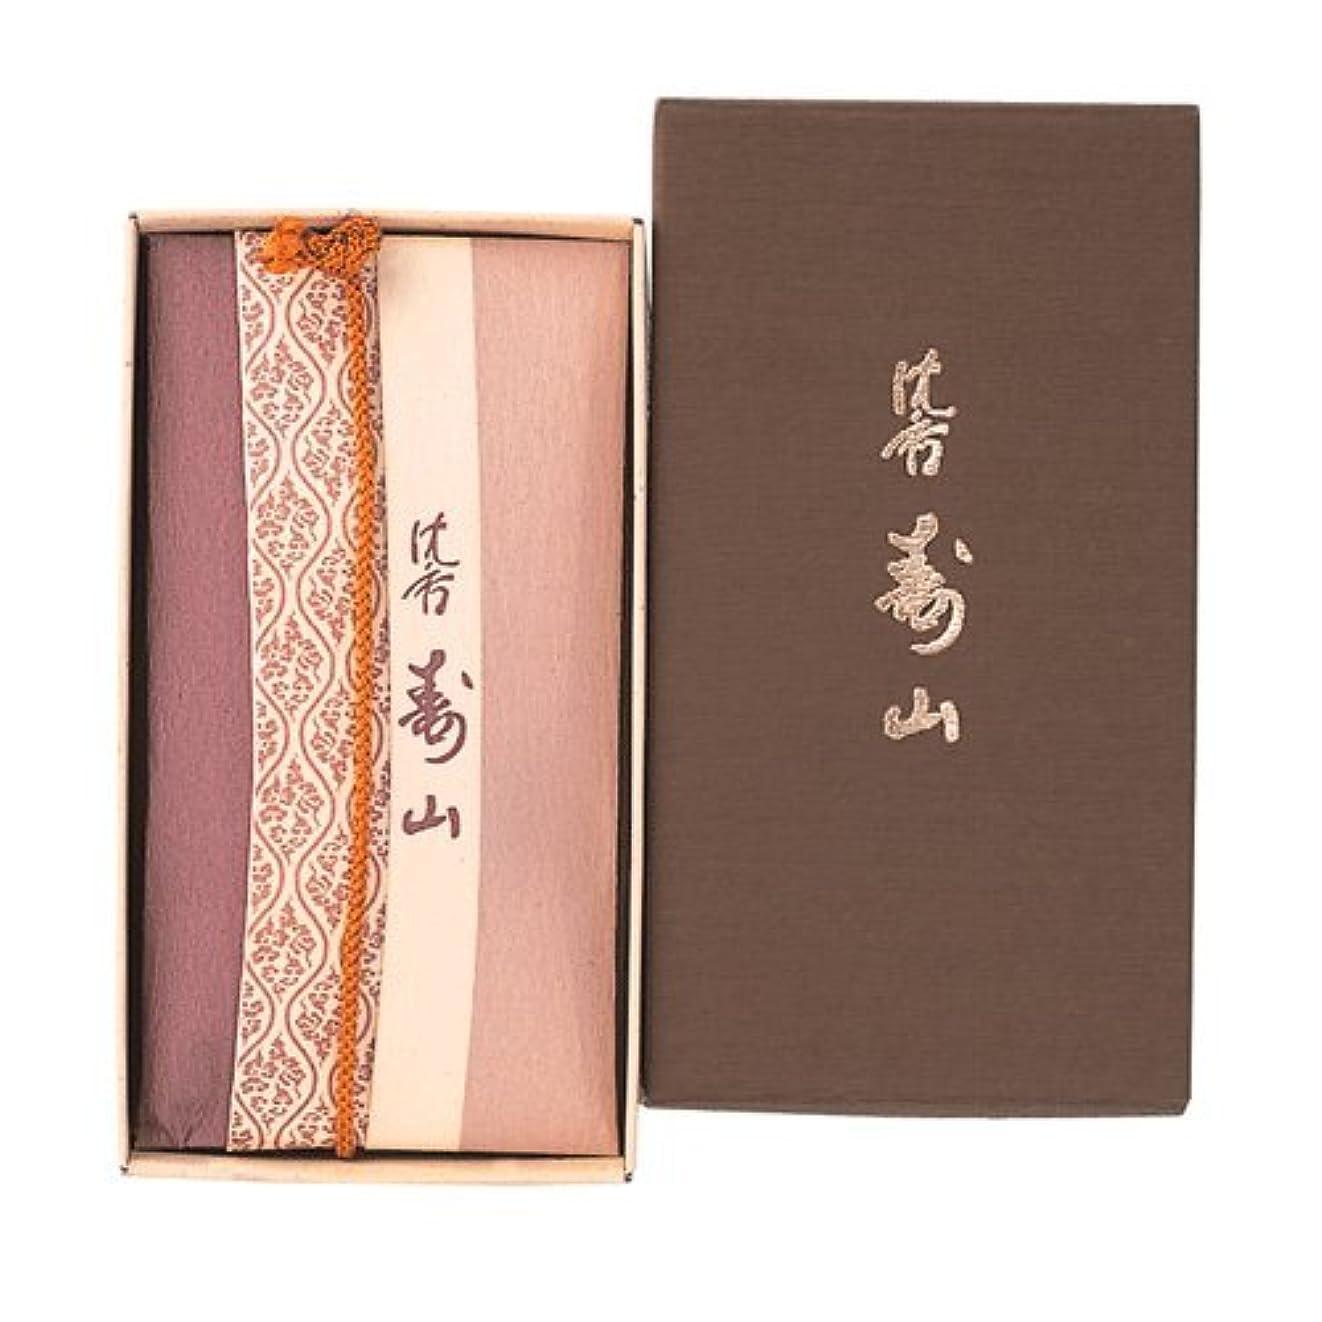 香木の香りのお香 沈香寿山 コーン24個入【お香】